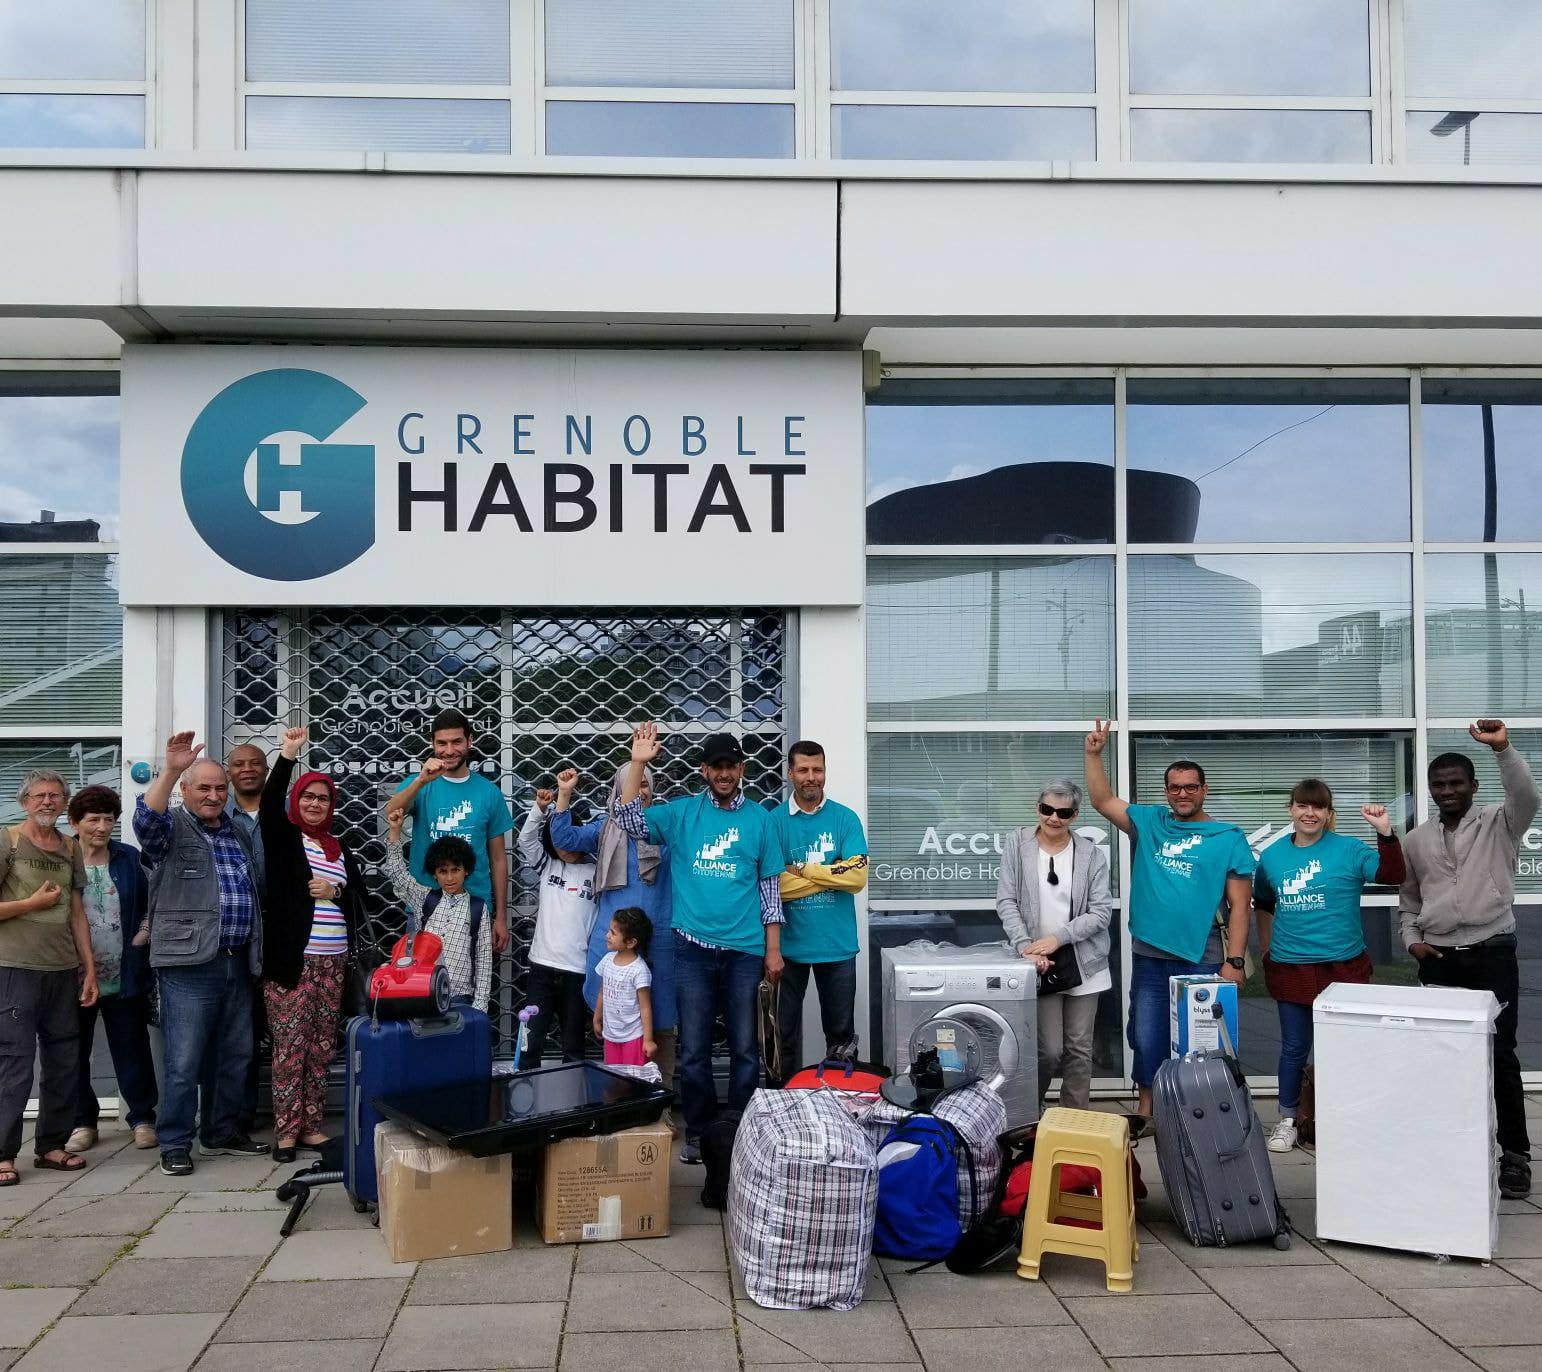 Privée de logement par Grenoble Habitat, la famille emménage au siège du bailleur